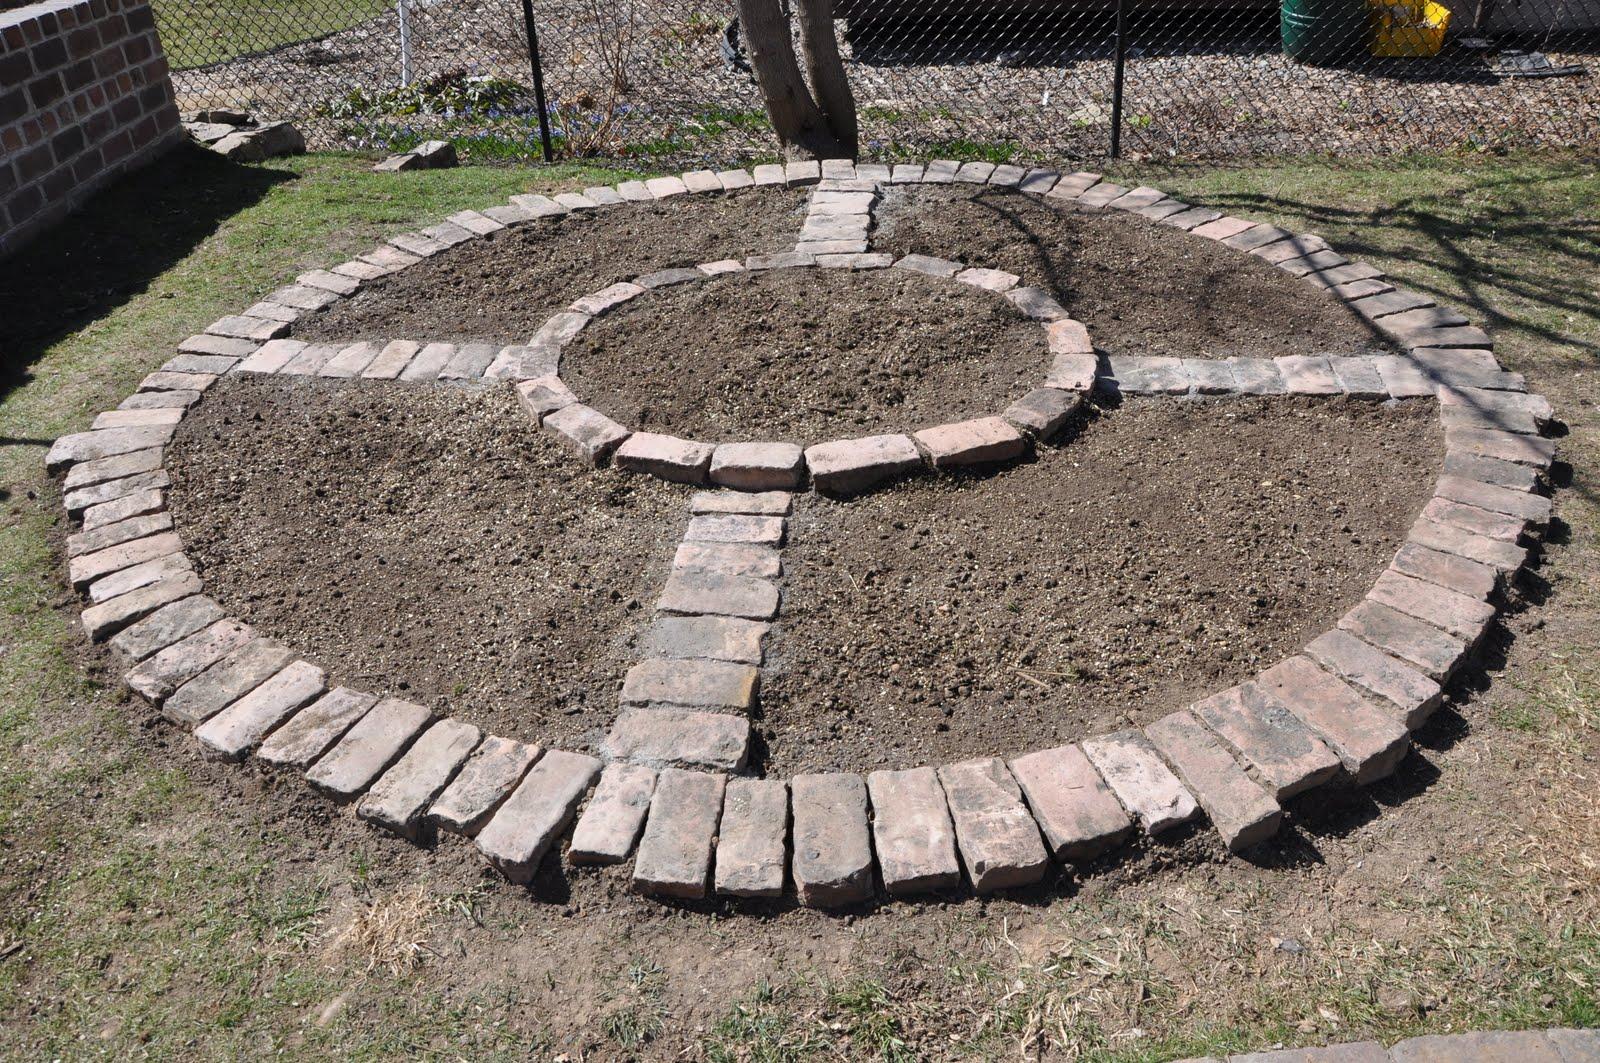 Round Flower Bed : Round Flower Bed : Circular Brick Flower Bed